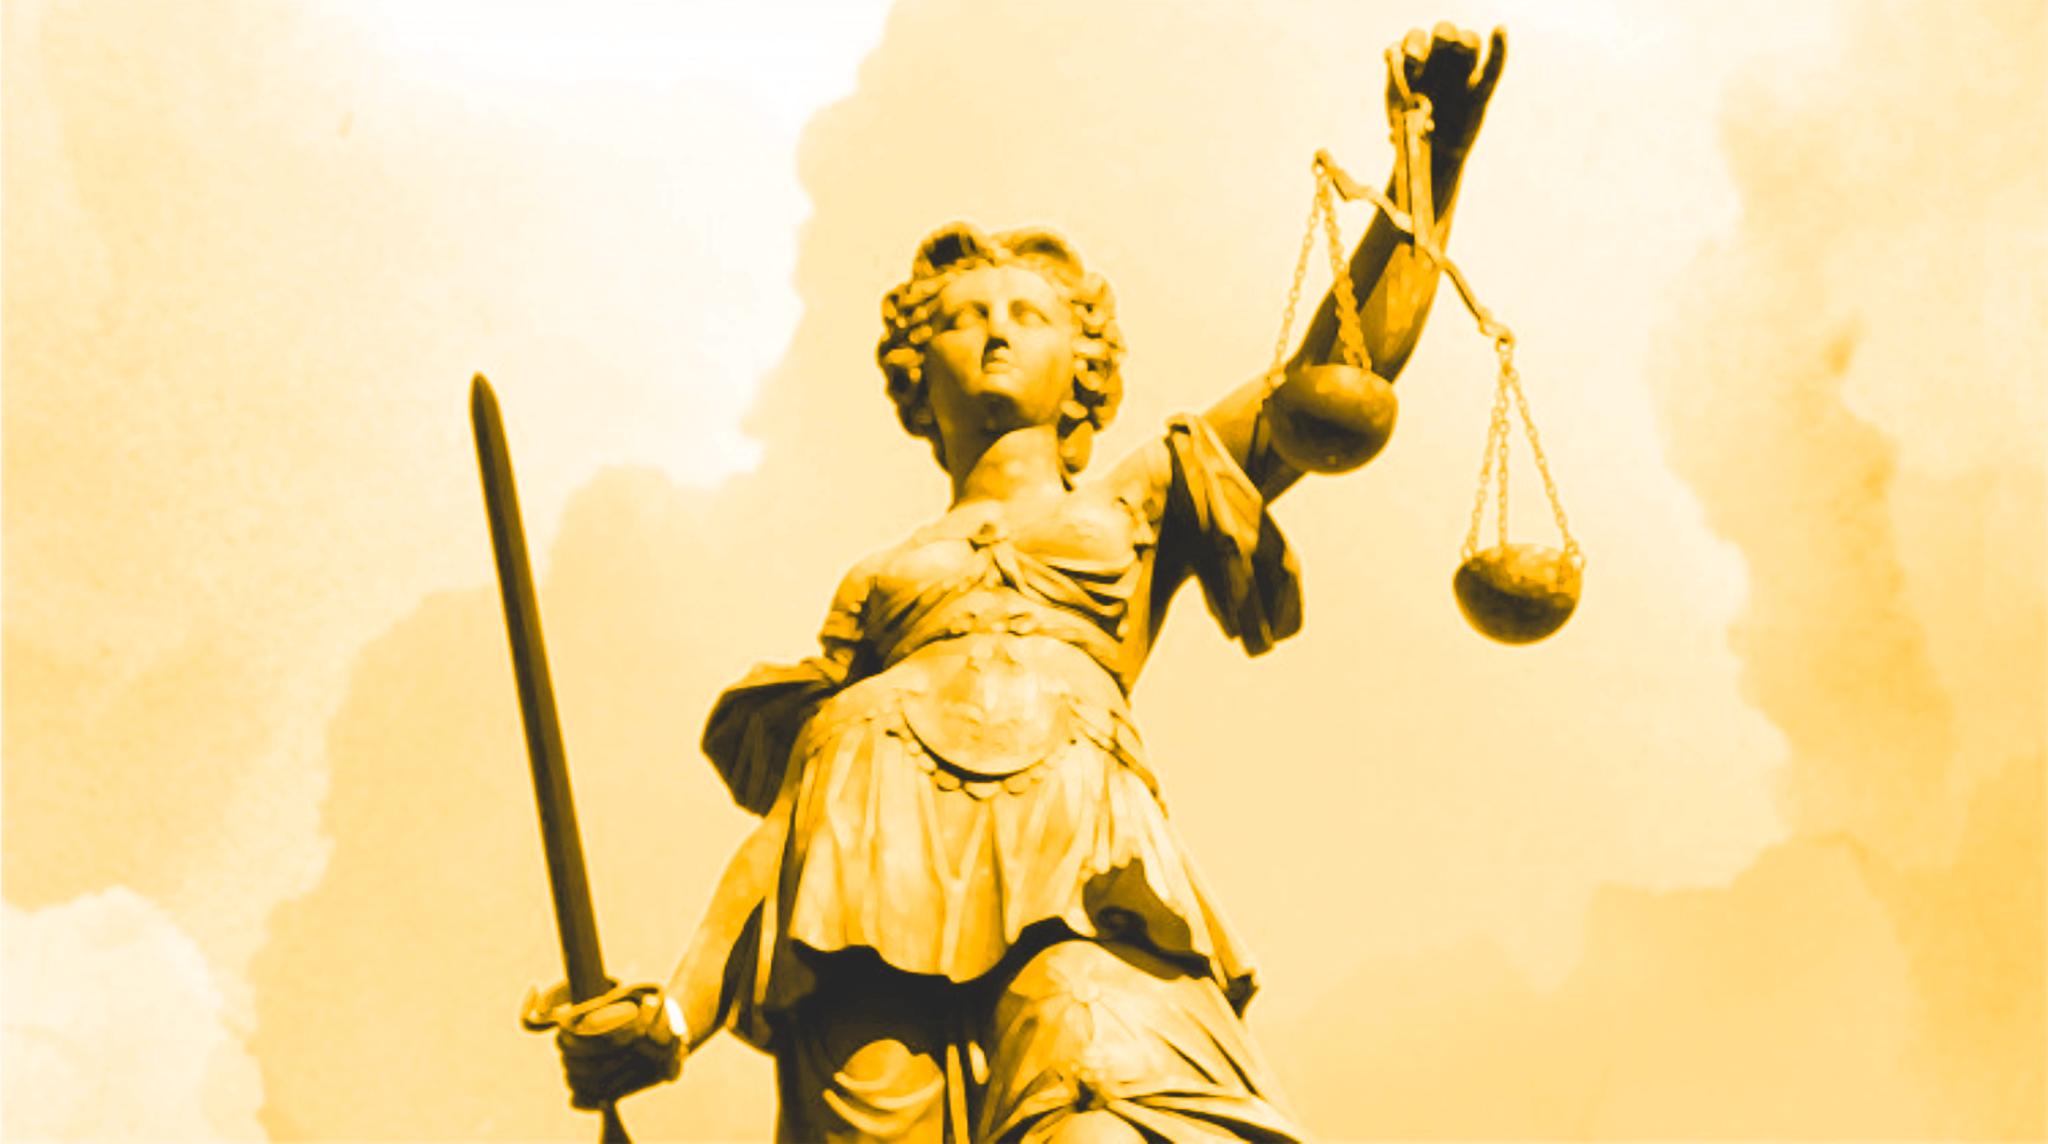 Jurisprudence Tutoring